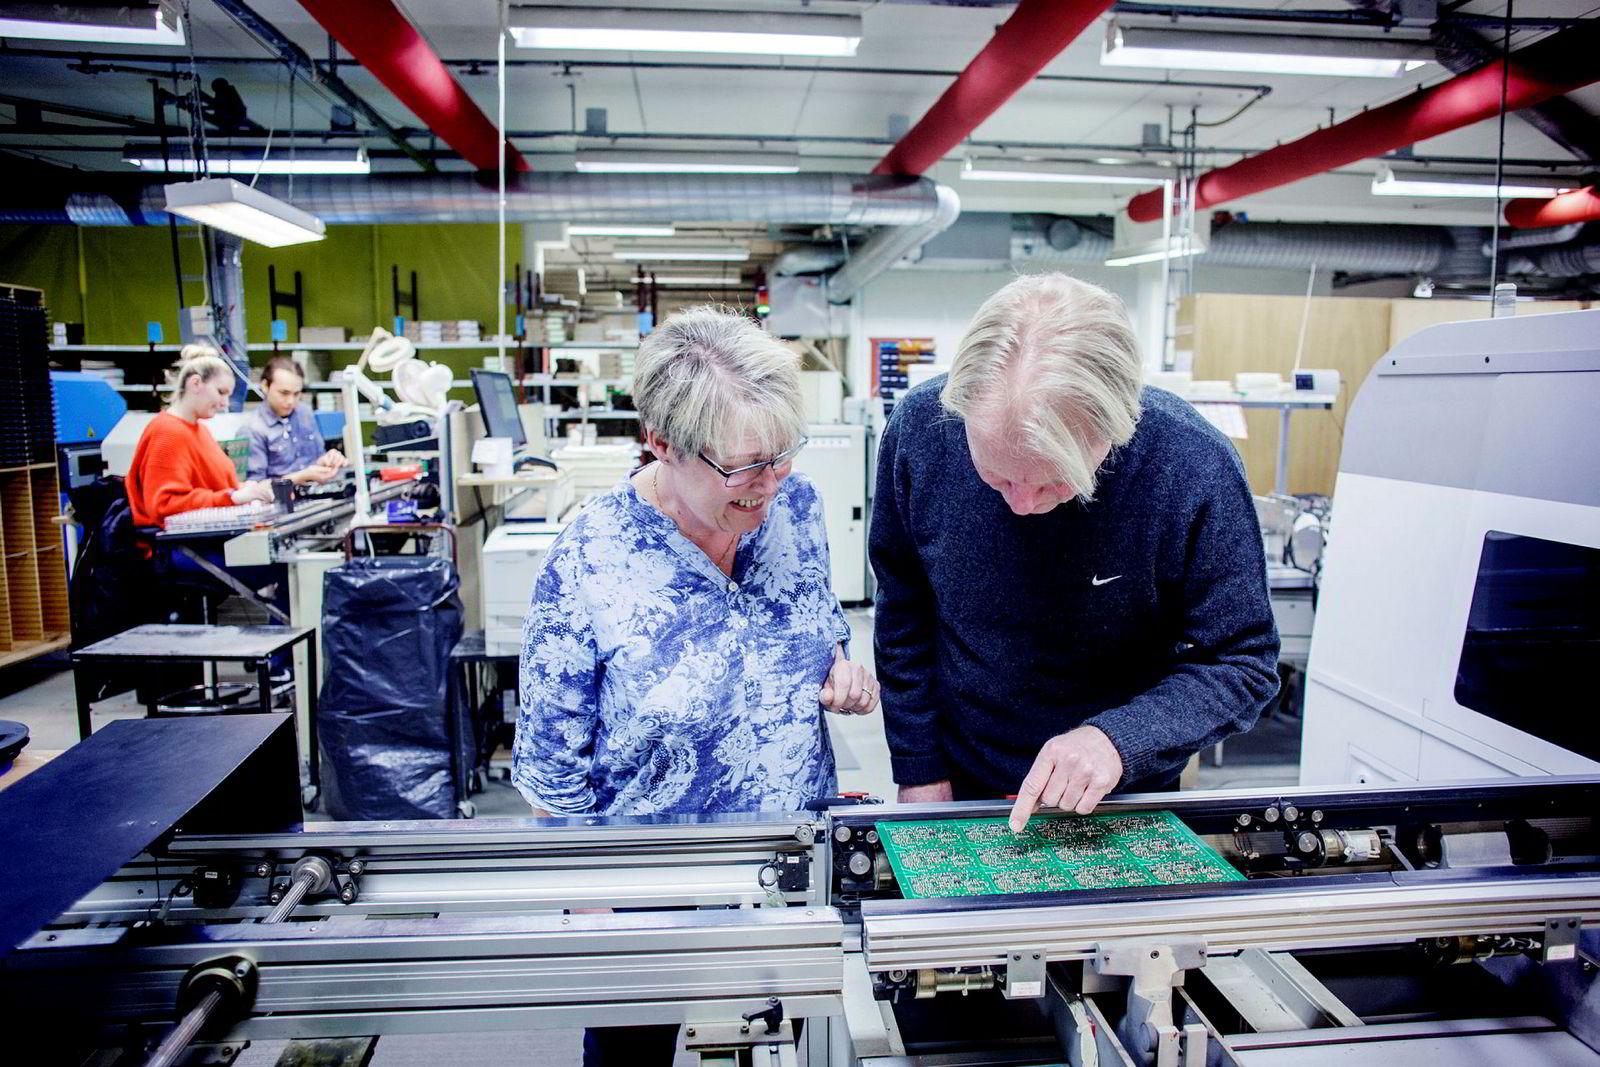 – I fjor solgte vi kretskort for rundt 25 millioner kroner, sier klubbleder Petter Olsen i Mascot som sjekker produktet sammen med kollega Britt Andersen.